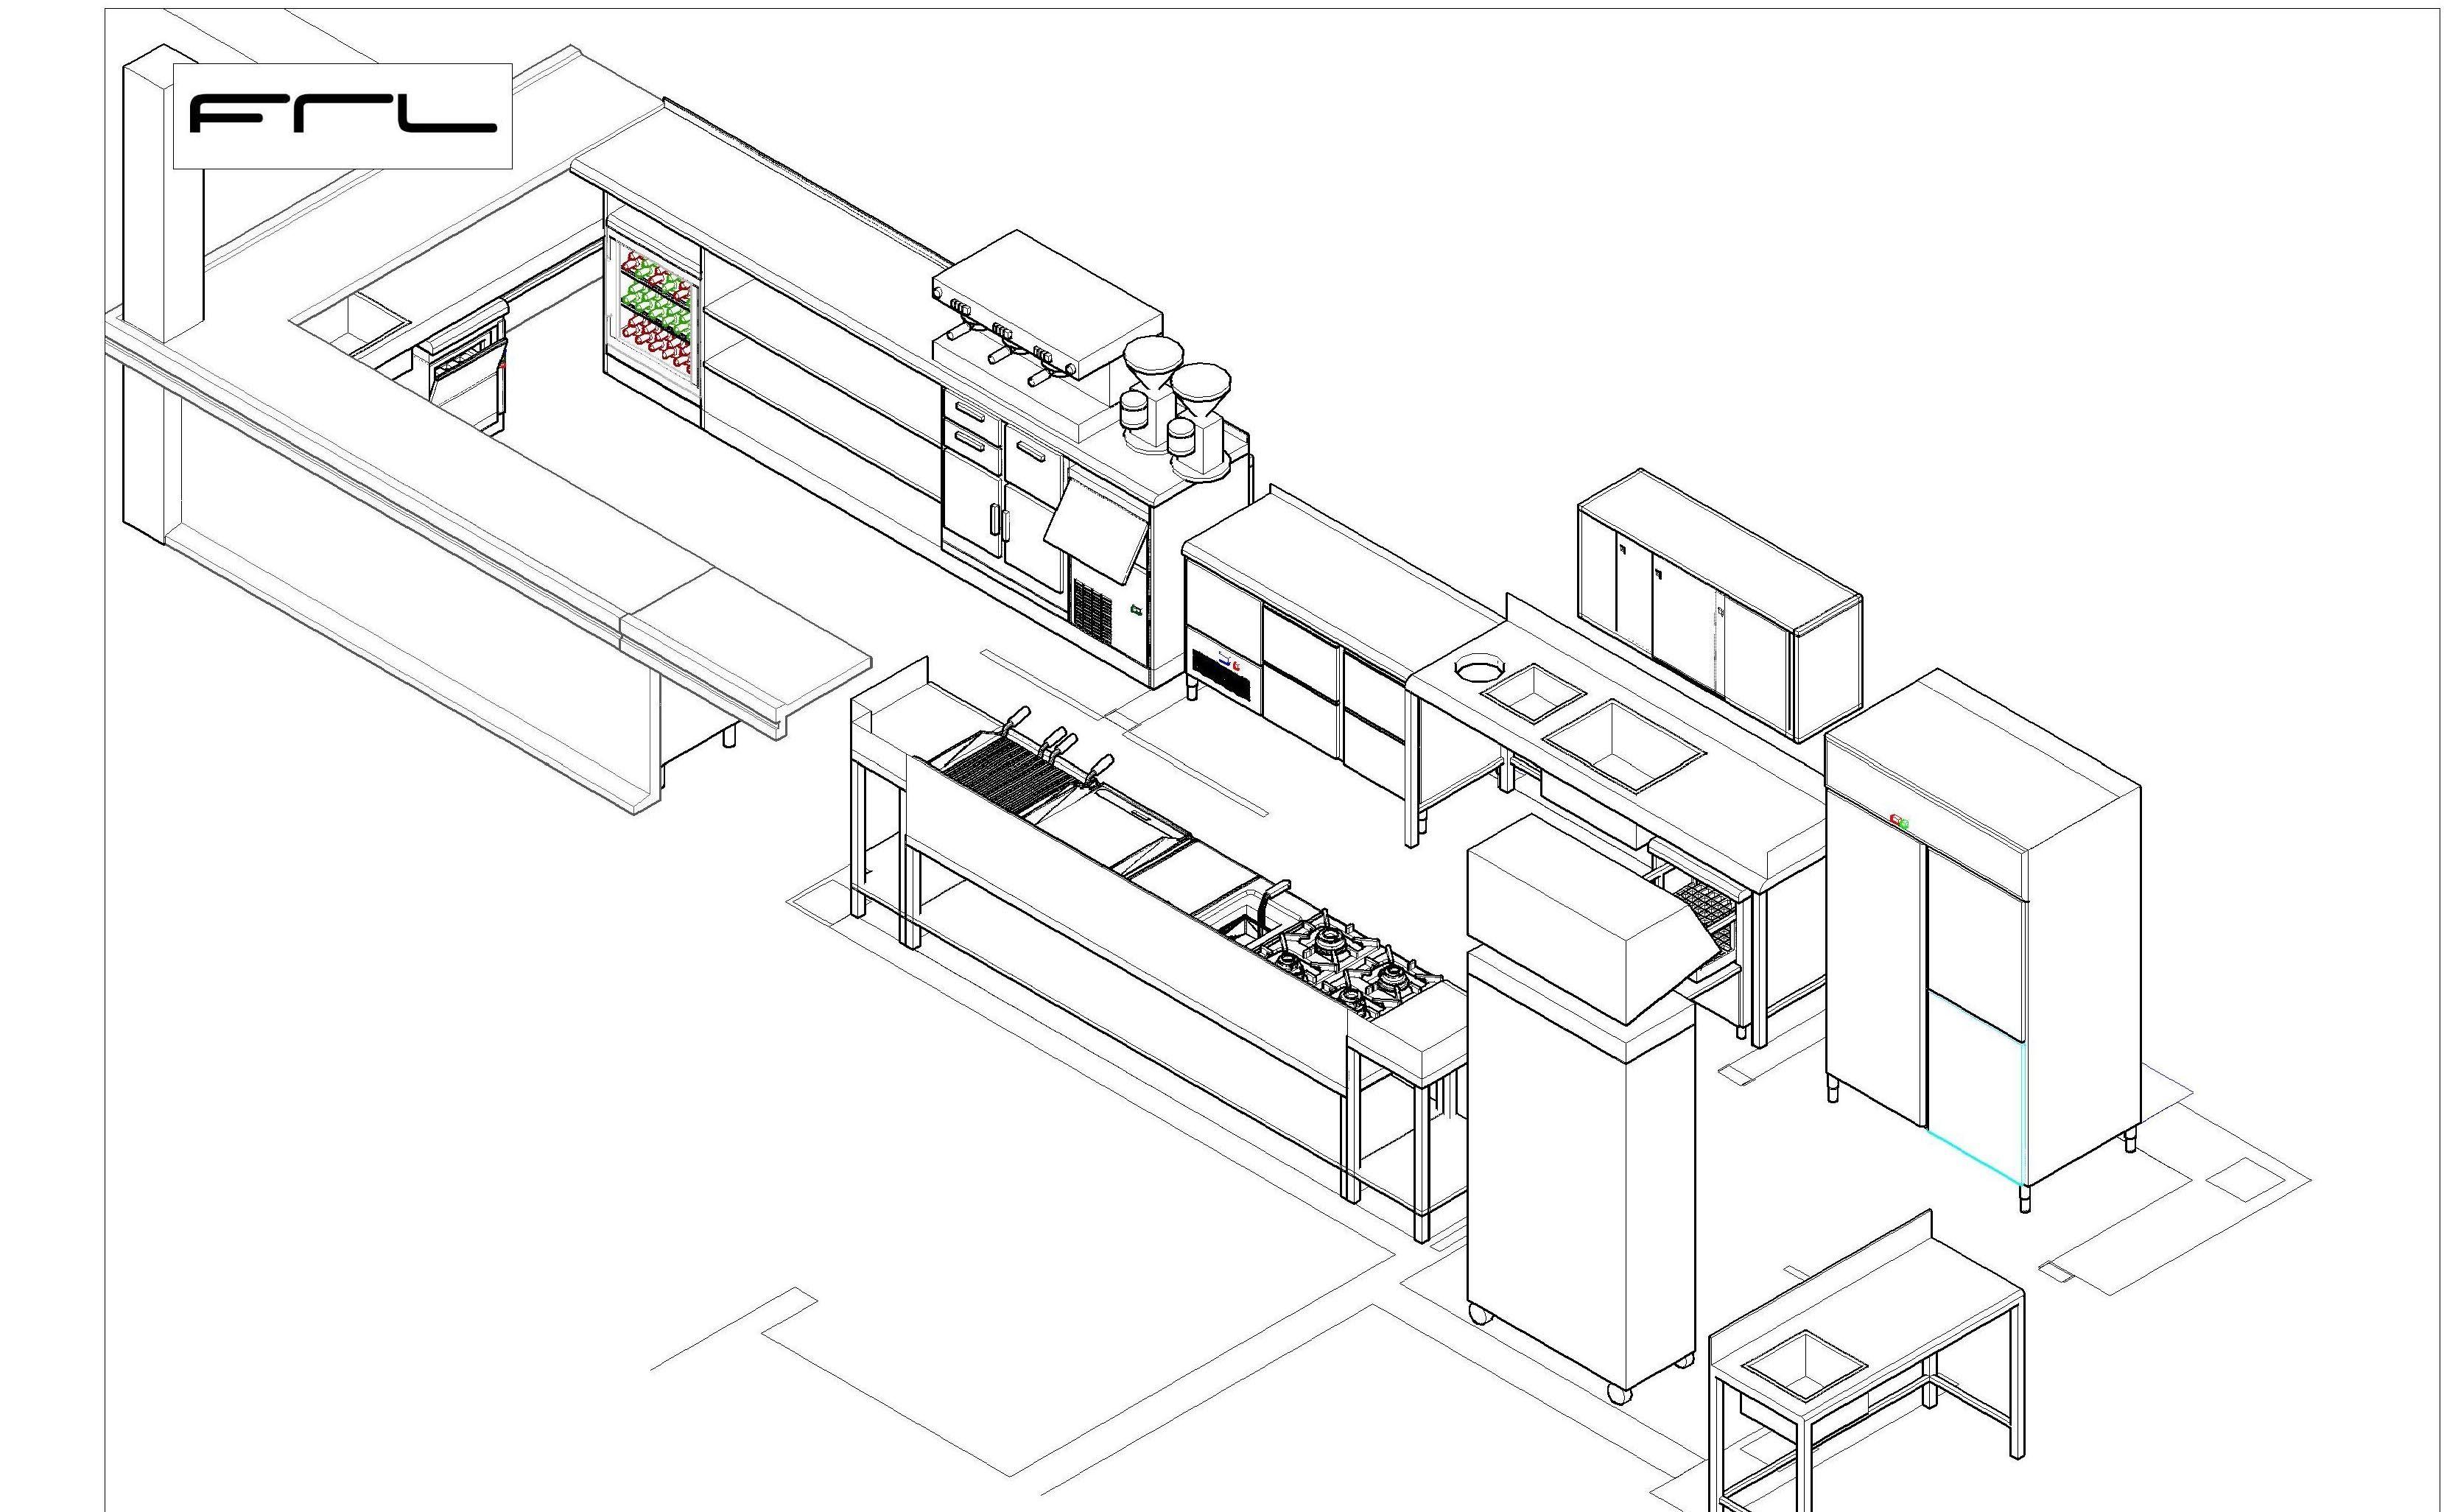 Dise amos tu espacio de trabajo cat logo de frl for Planos de una cocina industrial